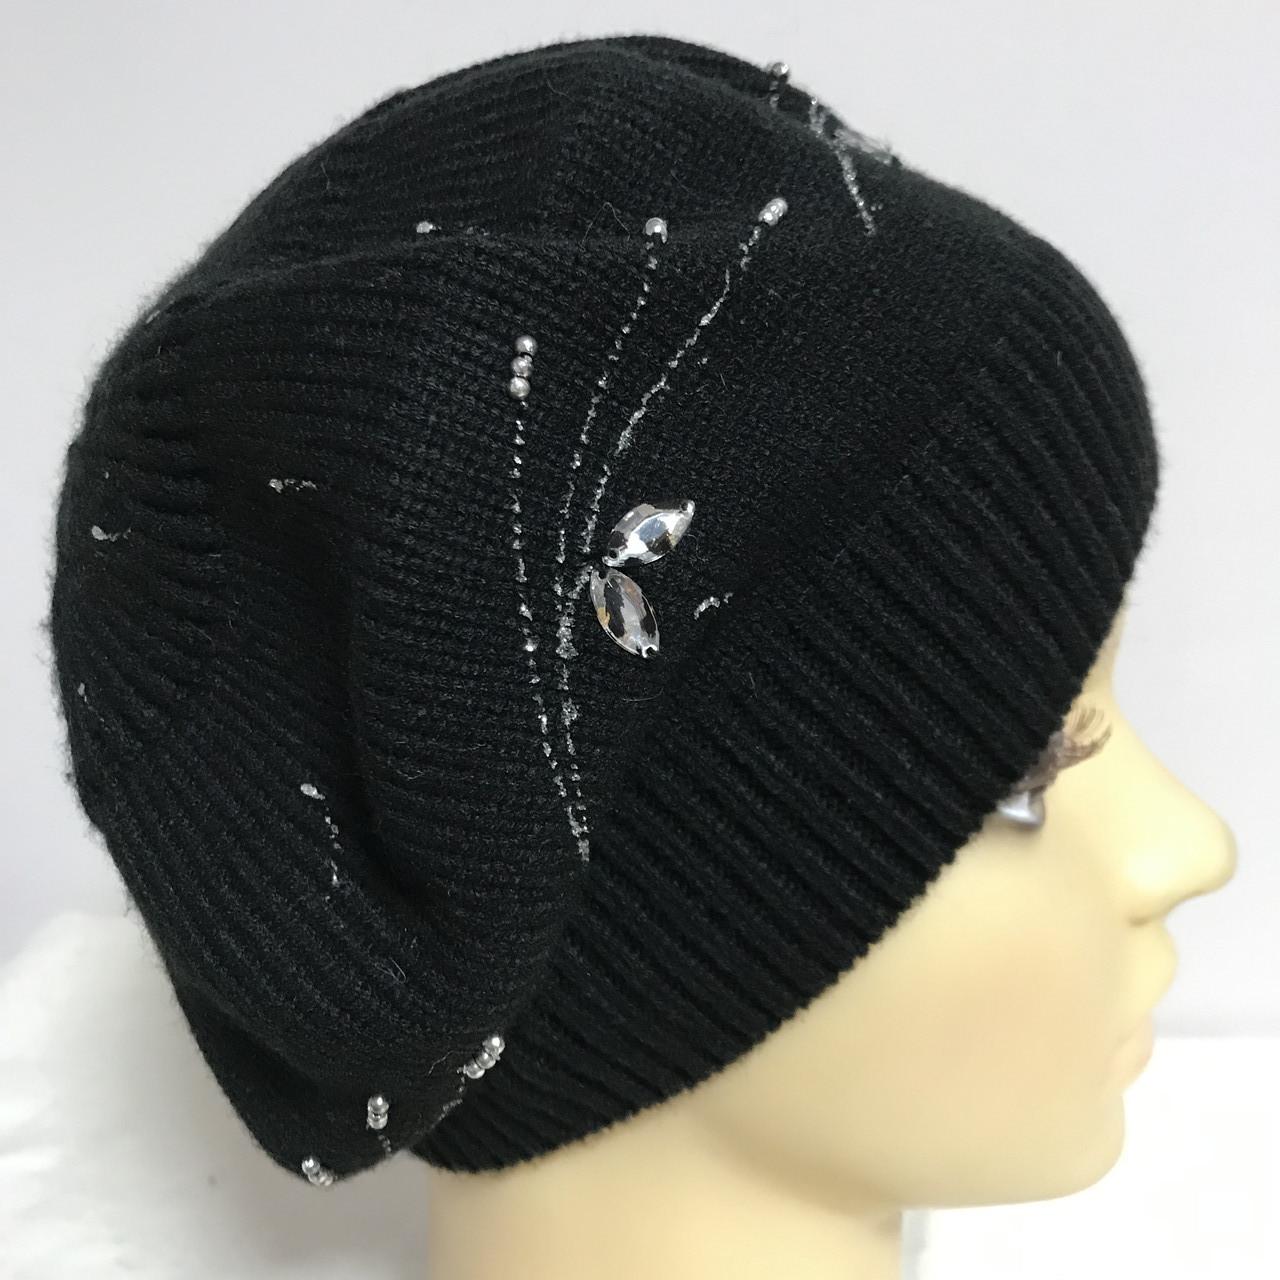 Женский чёрный берет с вышивкой и камнями